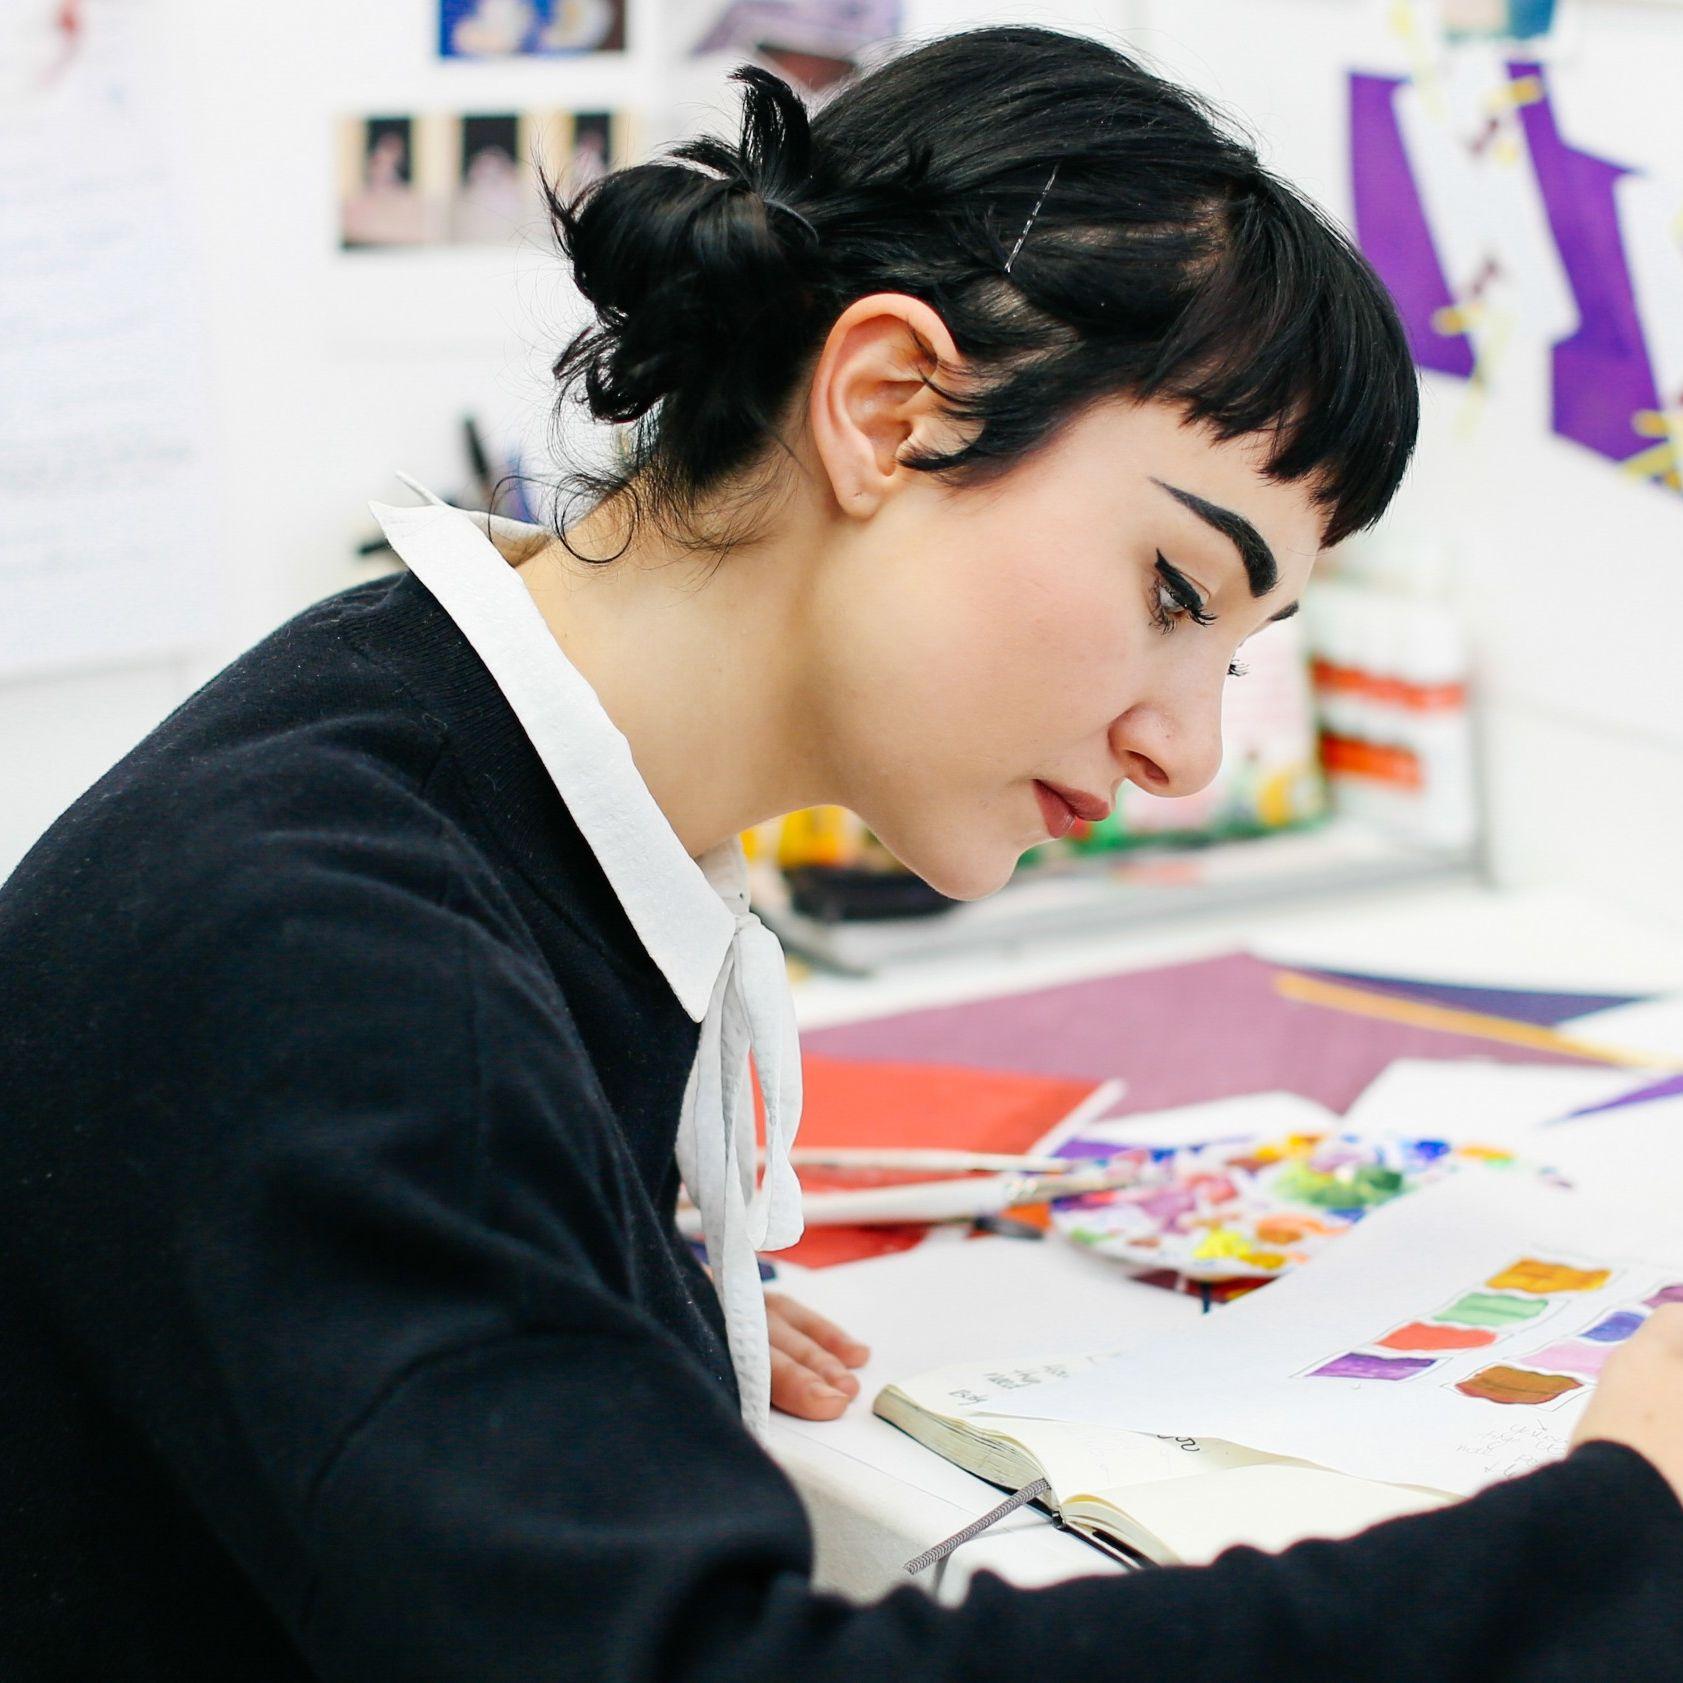 Student at a desk illustrating on a sketchbook